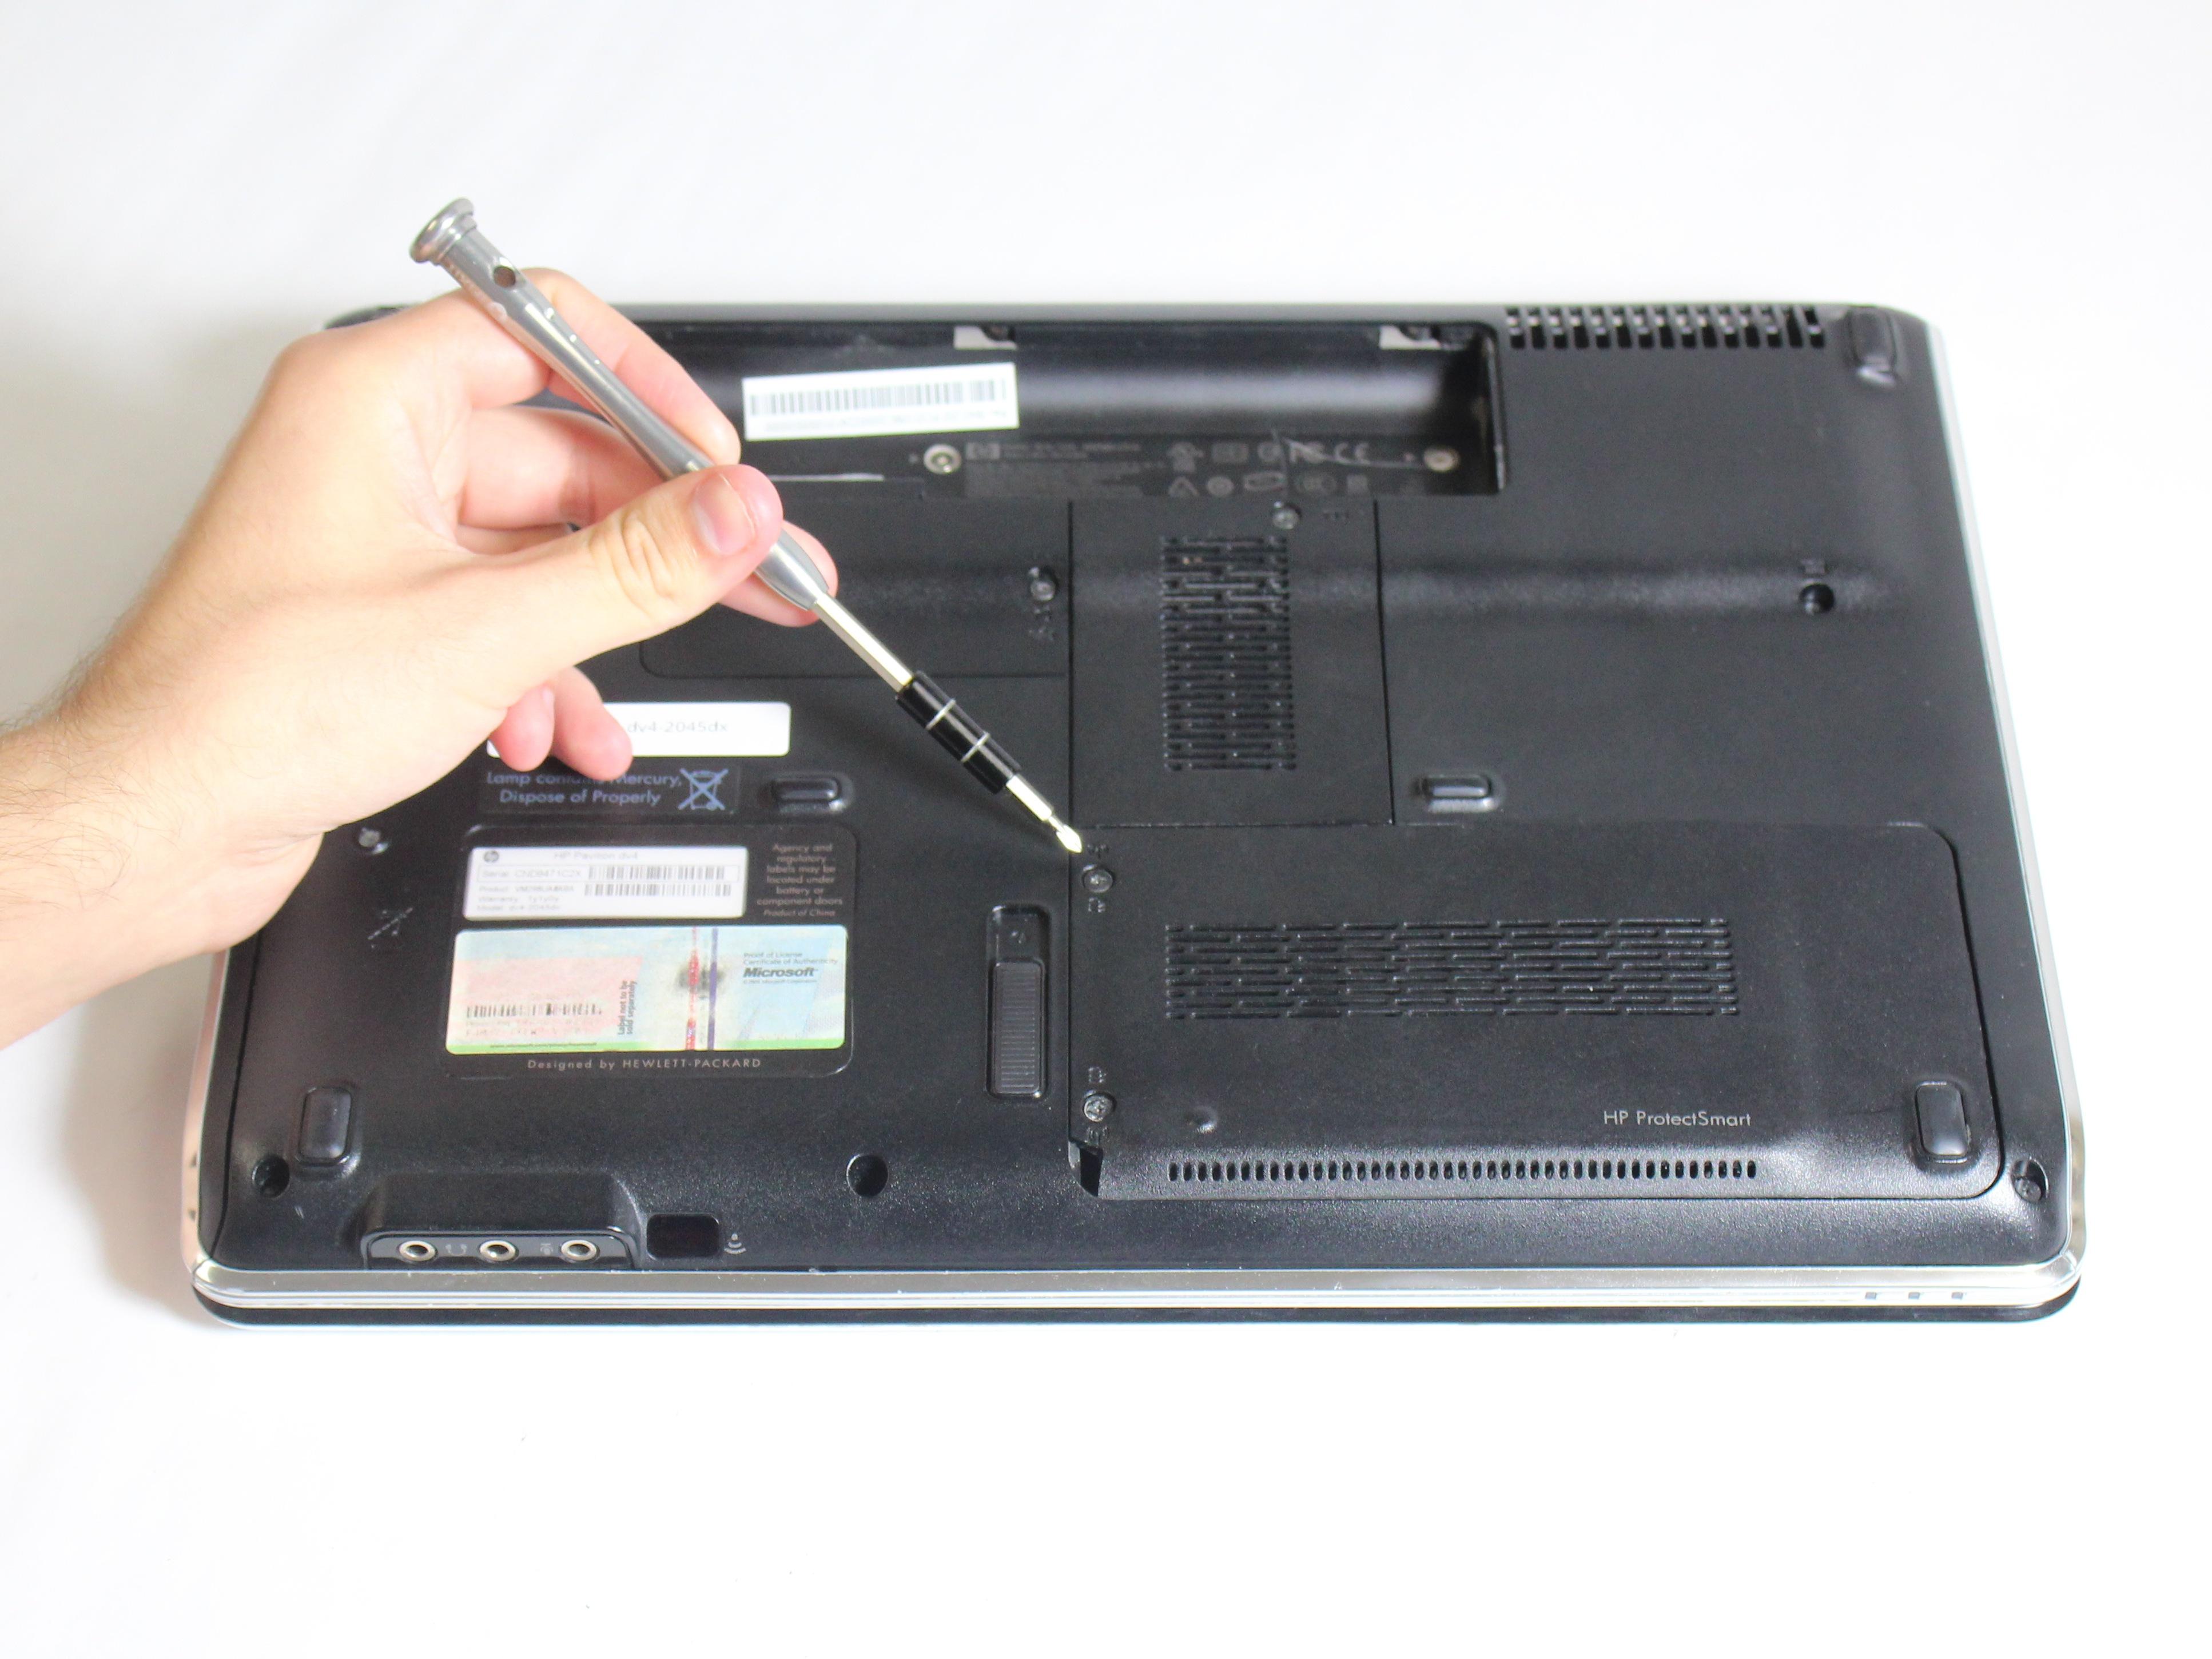 hp pavilion dv4 2045dx repair ifixit rh ifixit com hp pavilion dv4-2145dx service manual hp pavilion dv4-2145dx service manual